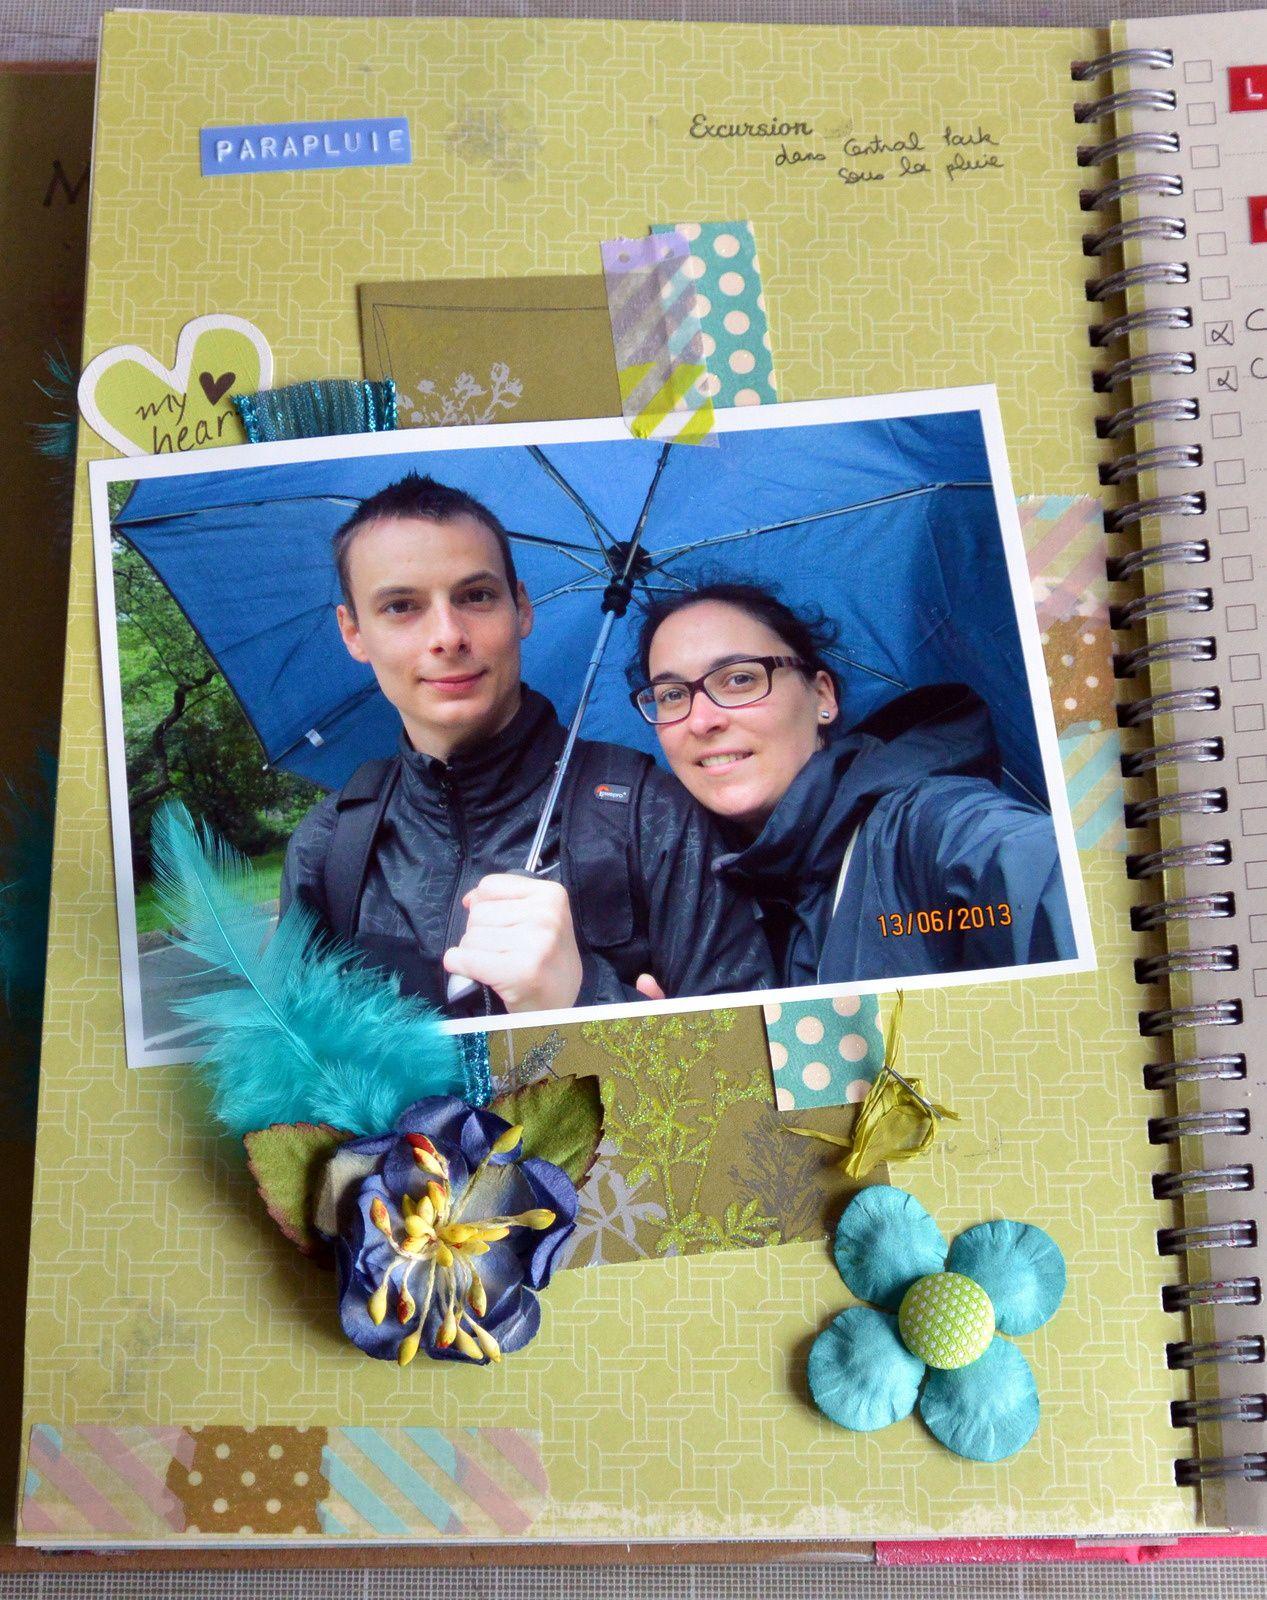 52 photos: parapluie